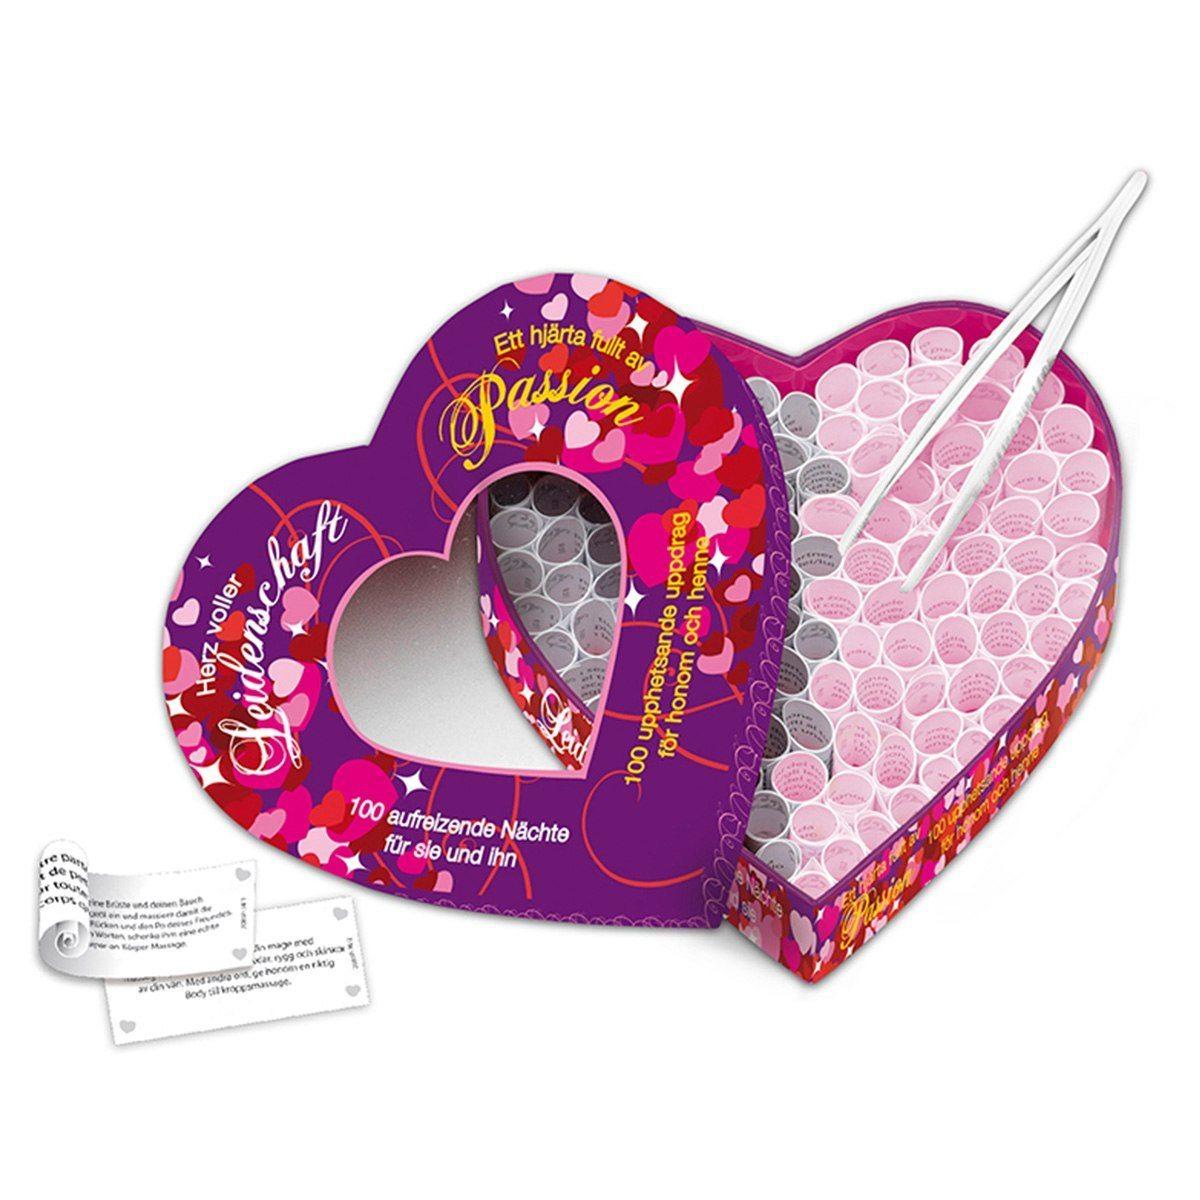 Erotic Heart – ett hjärta fyllt med passion